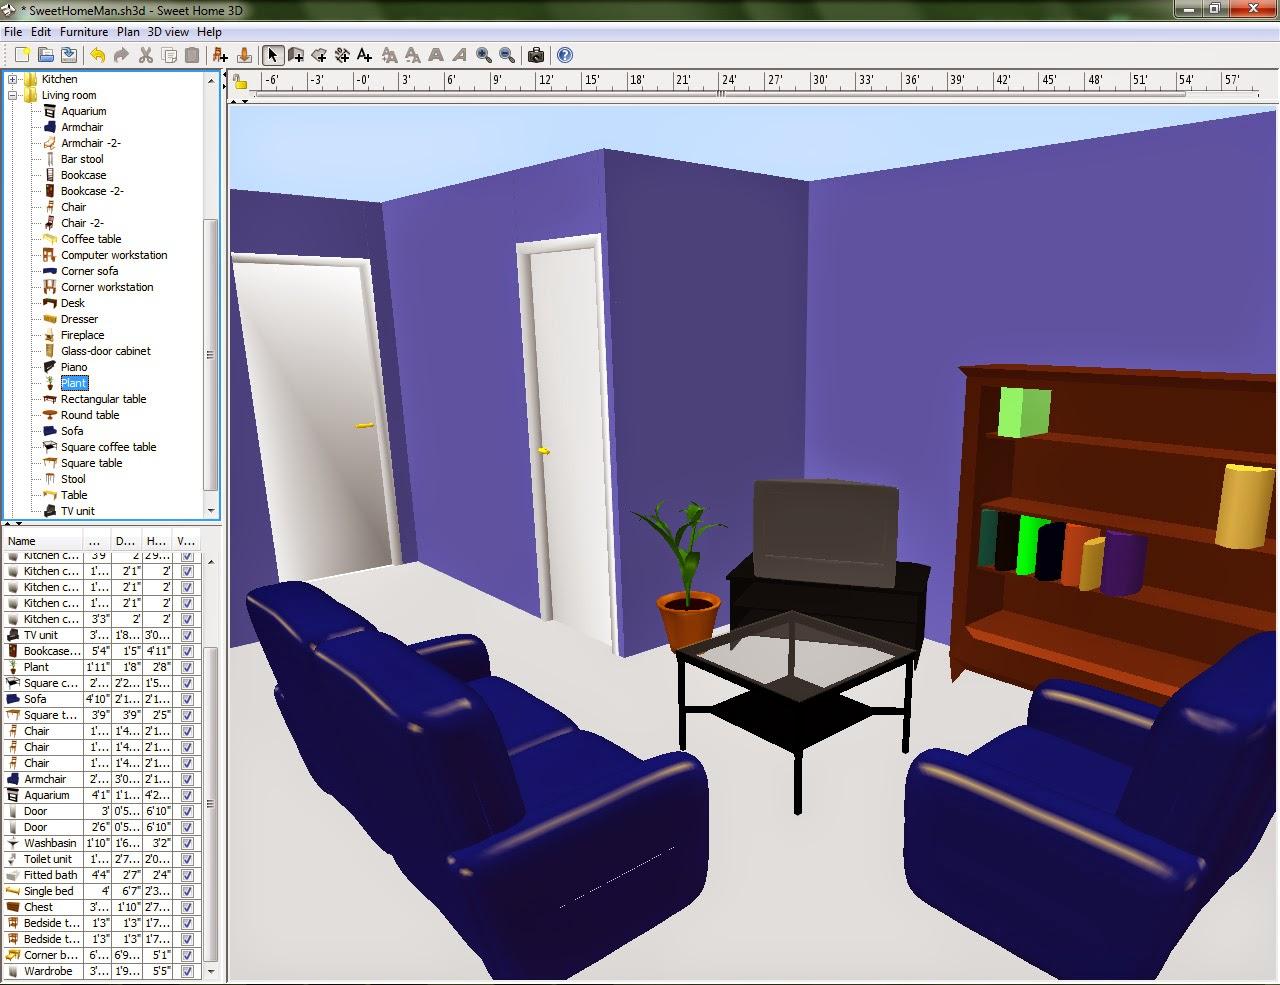 Home Interior Design Software - Home Interior Decorating